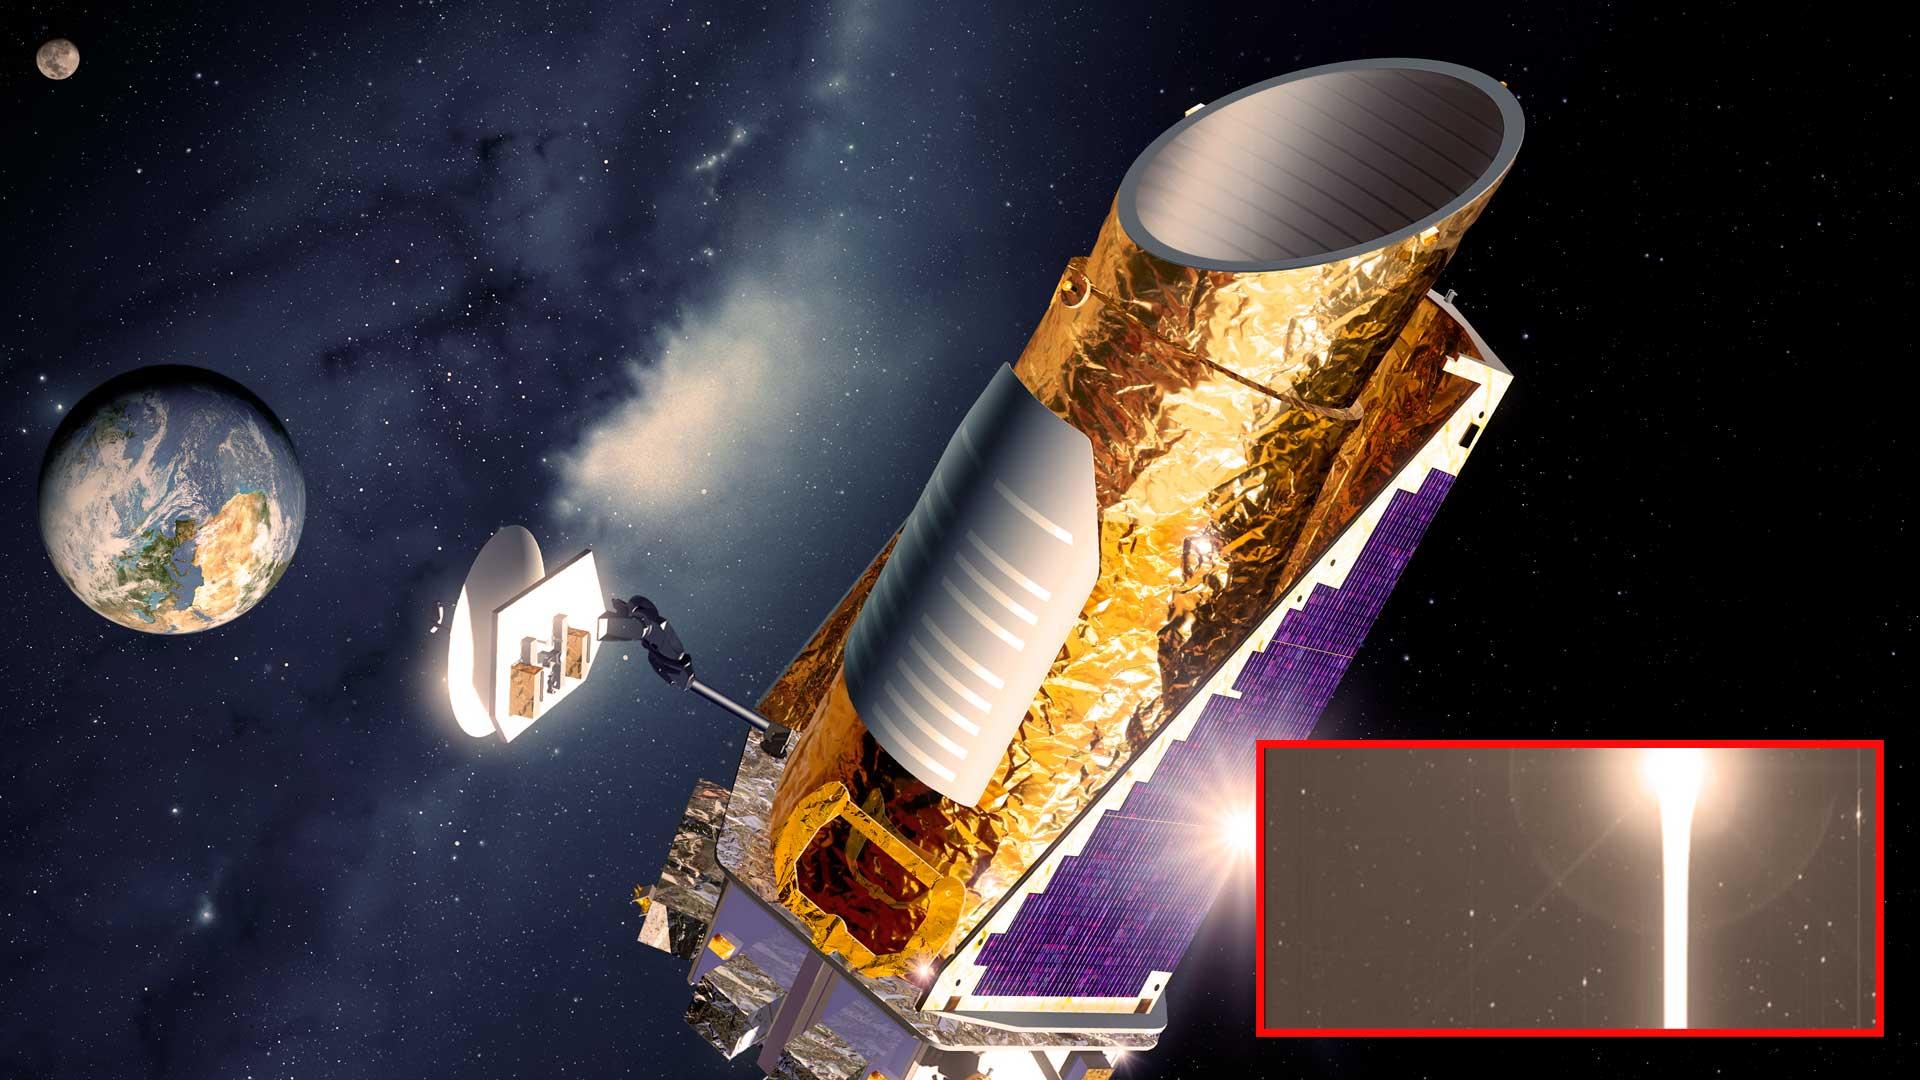 El telescopio espacial Kepler capta extraña imagen y los científicos no saben qué es